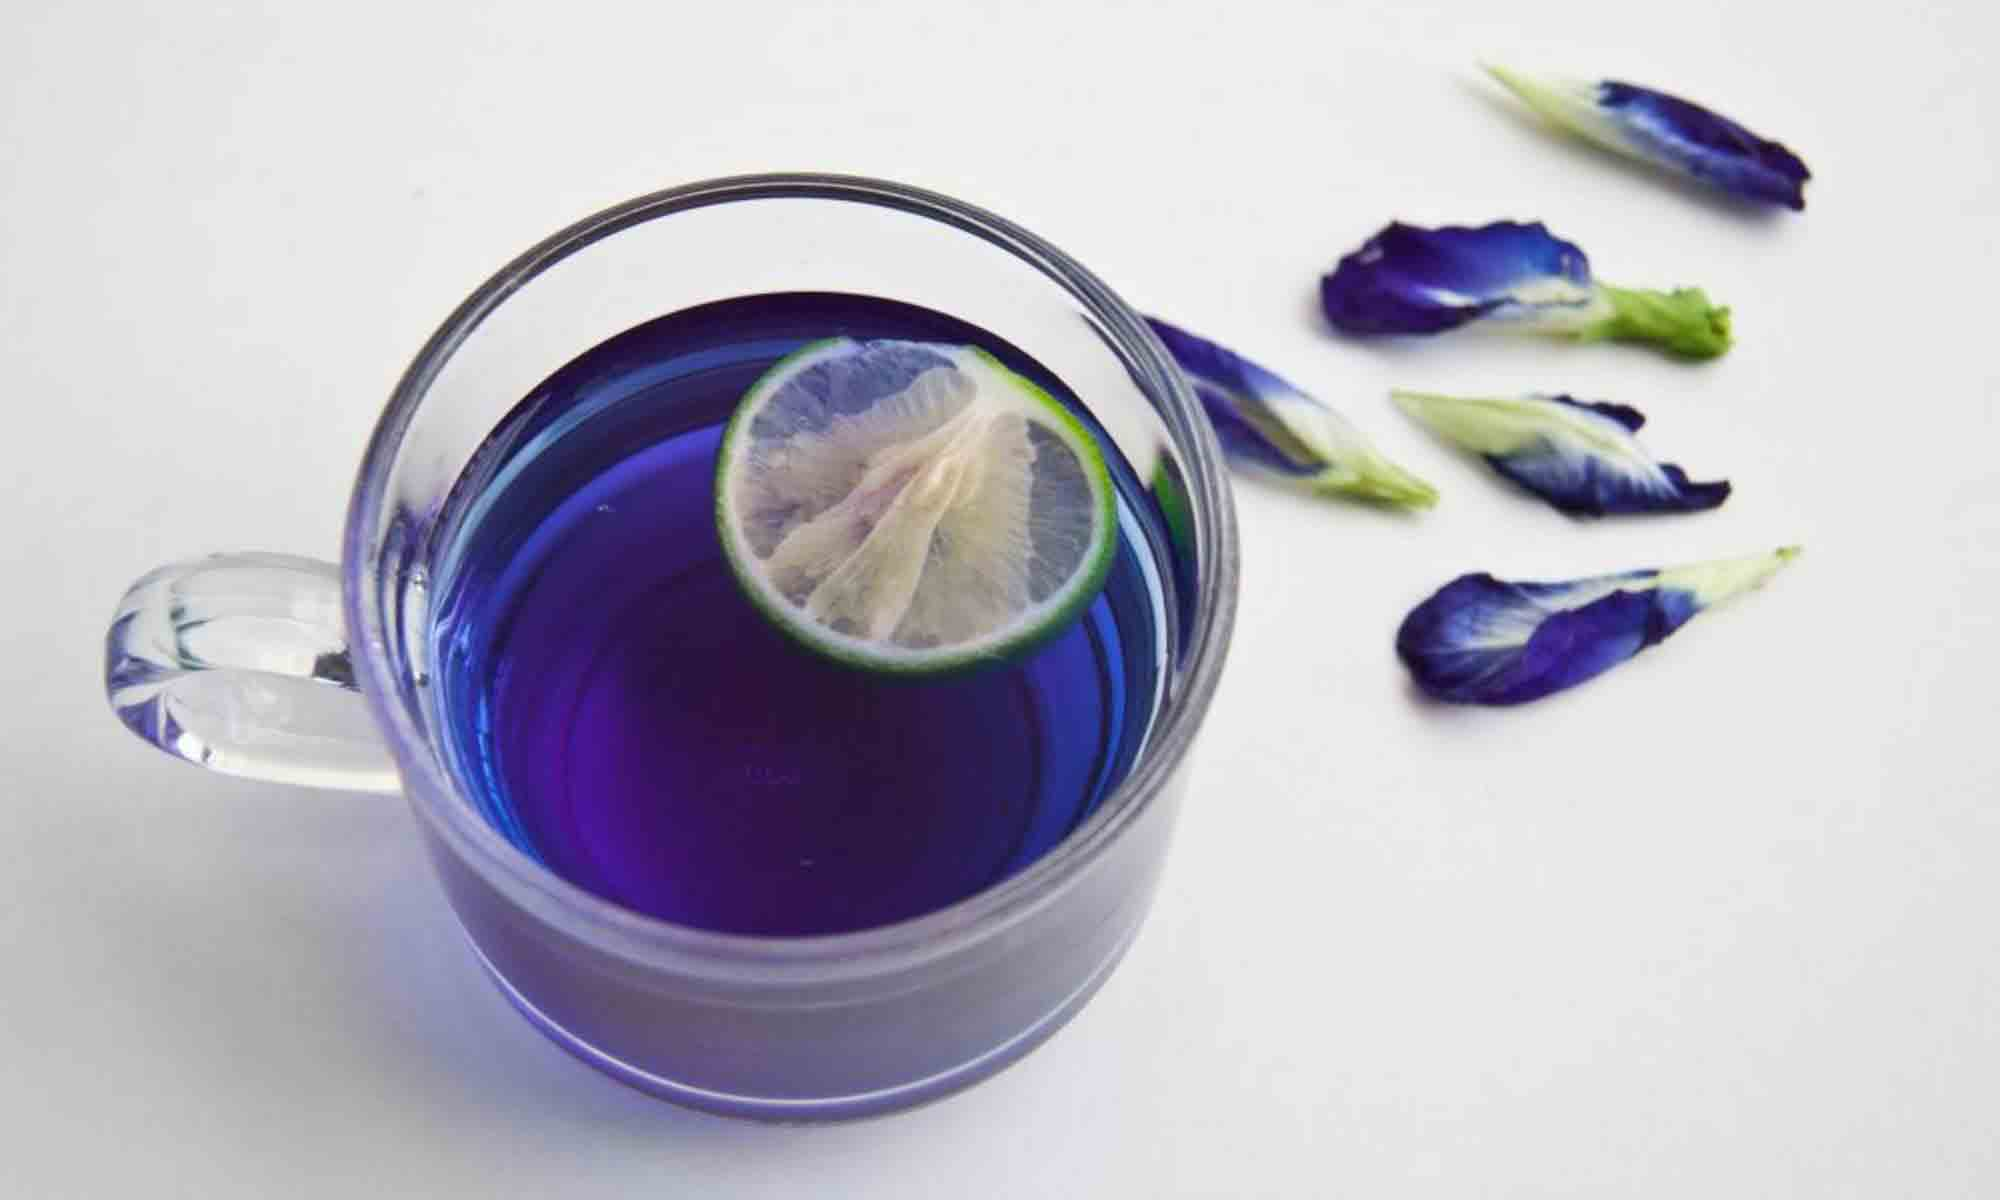 مصرف گل گاوزبان برای افرادا دارای افت فشار مفید است.